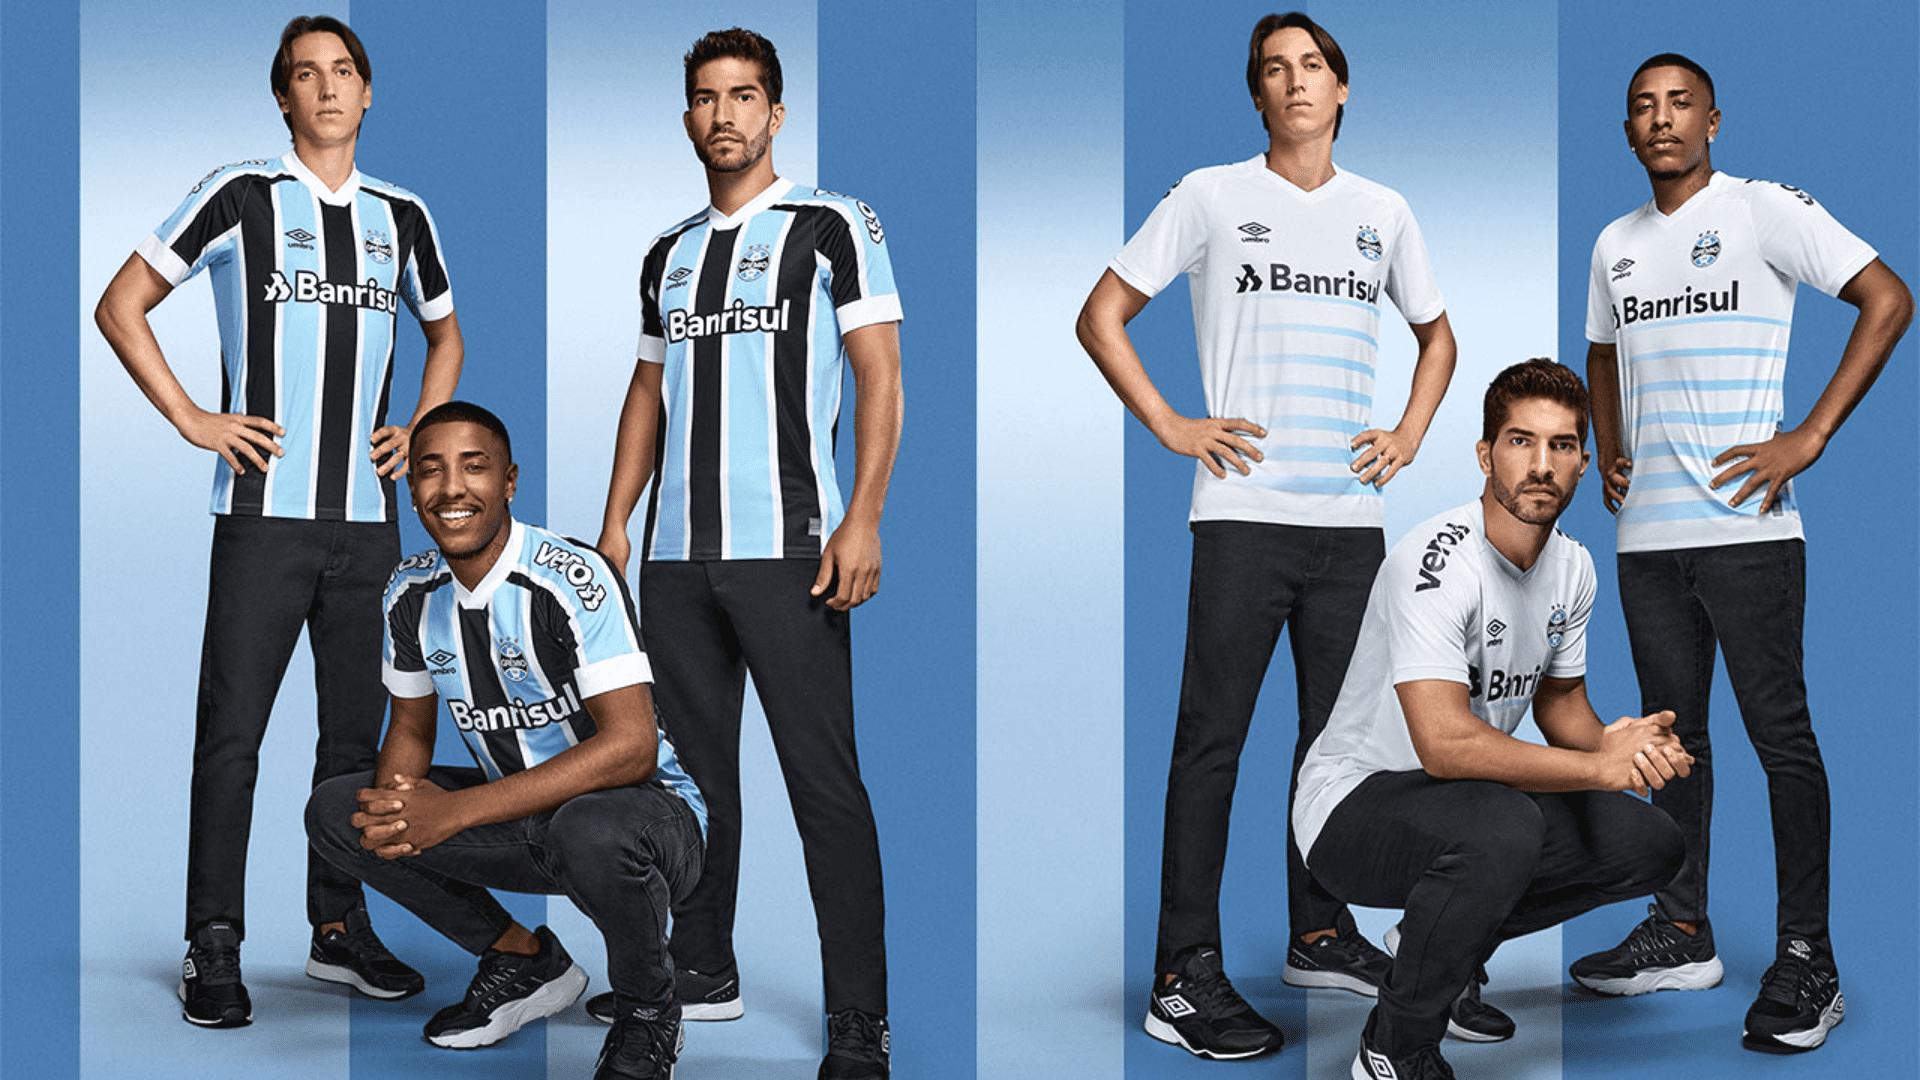 Conheça os modelos de camisa do Grêmio para comprar em 2021! (Imagem: Divulgação/Umbro)